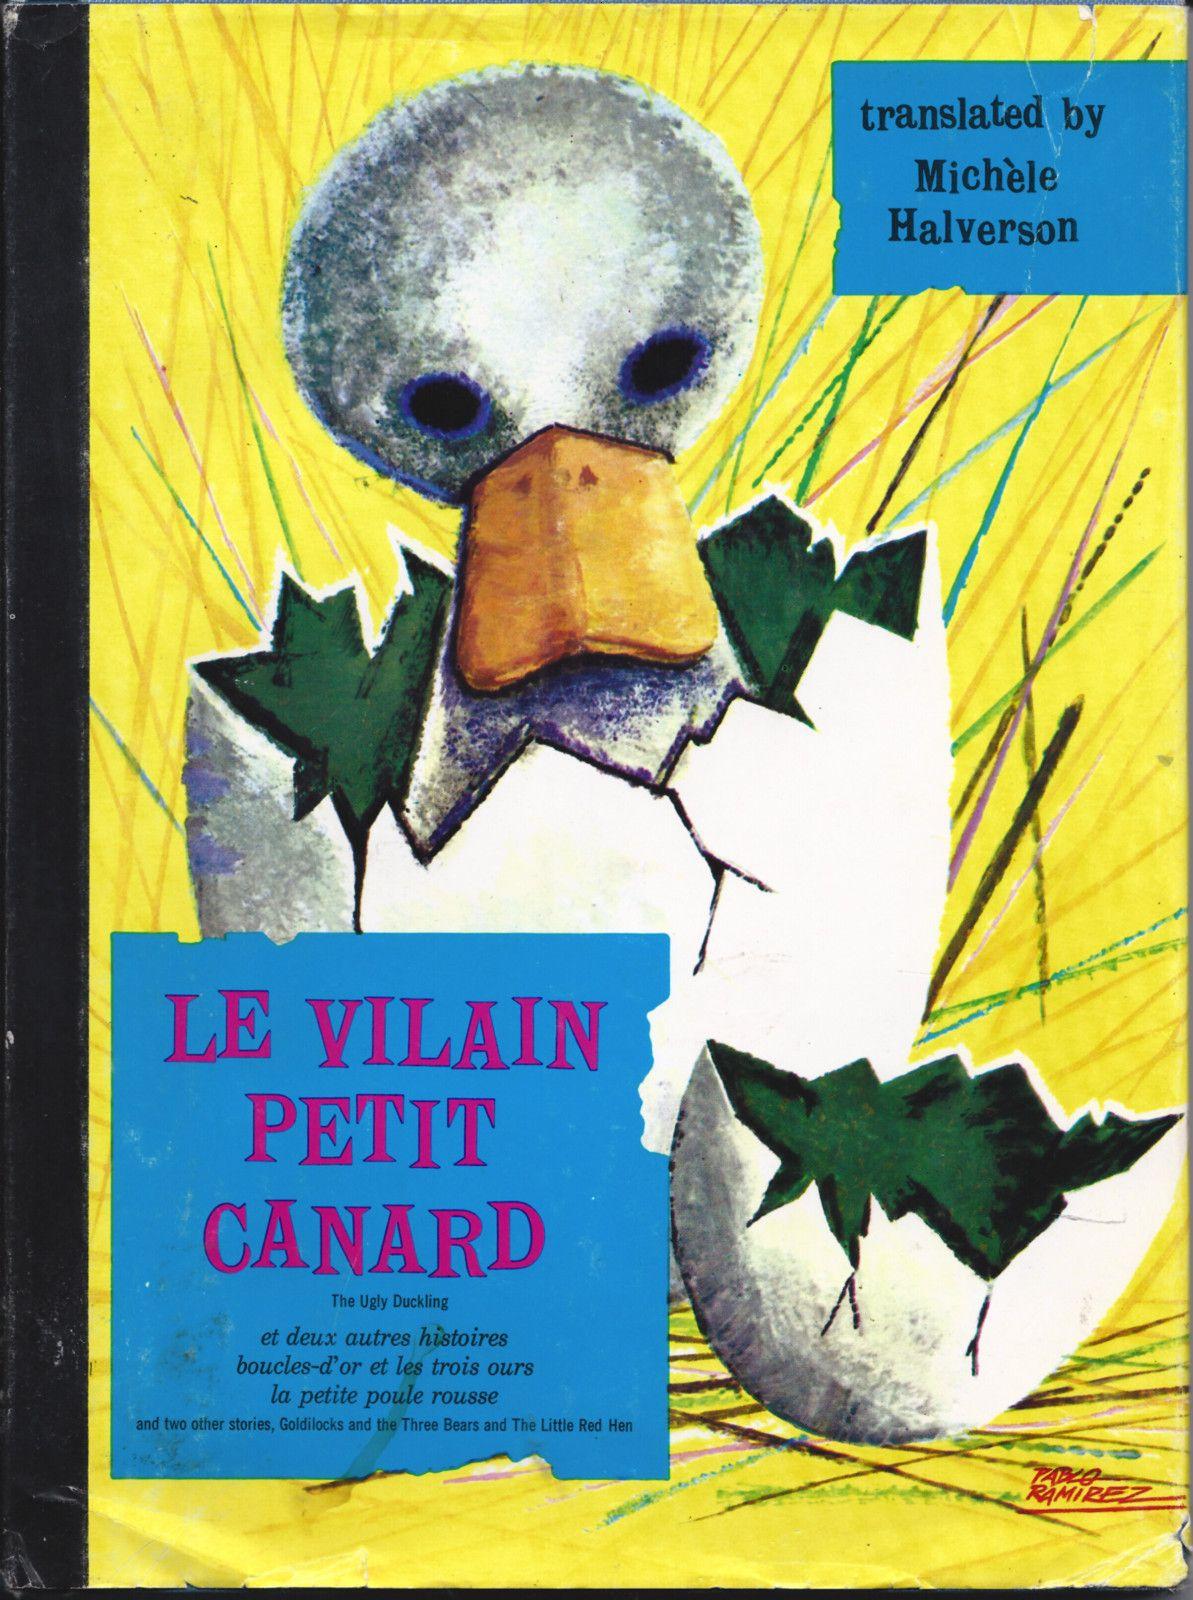 ''Le Vilain Petit Canard'', Merrill 1962. Cover